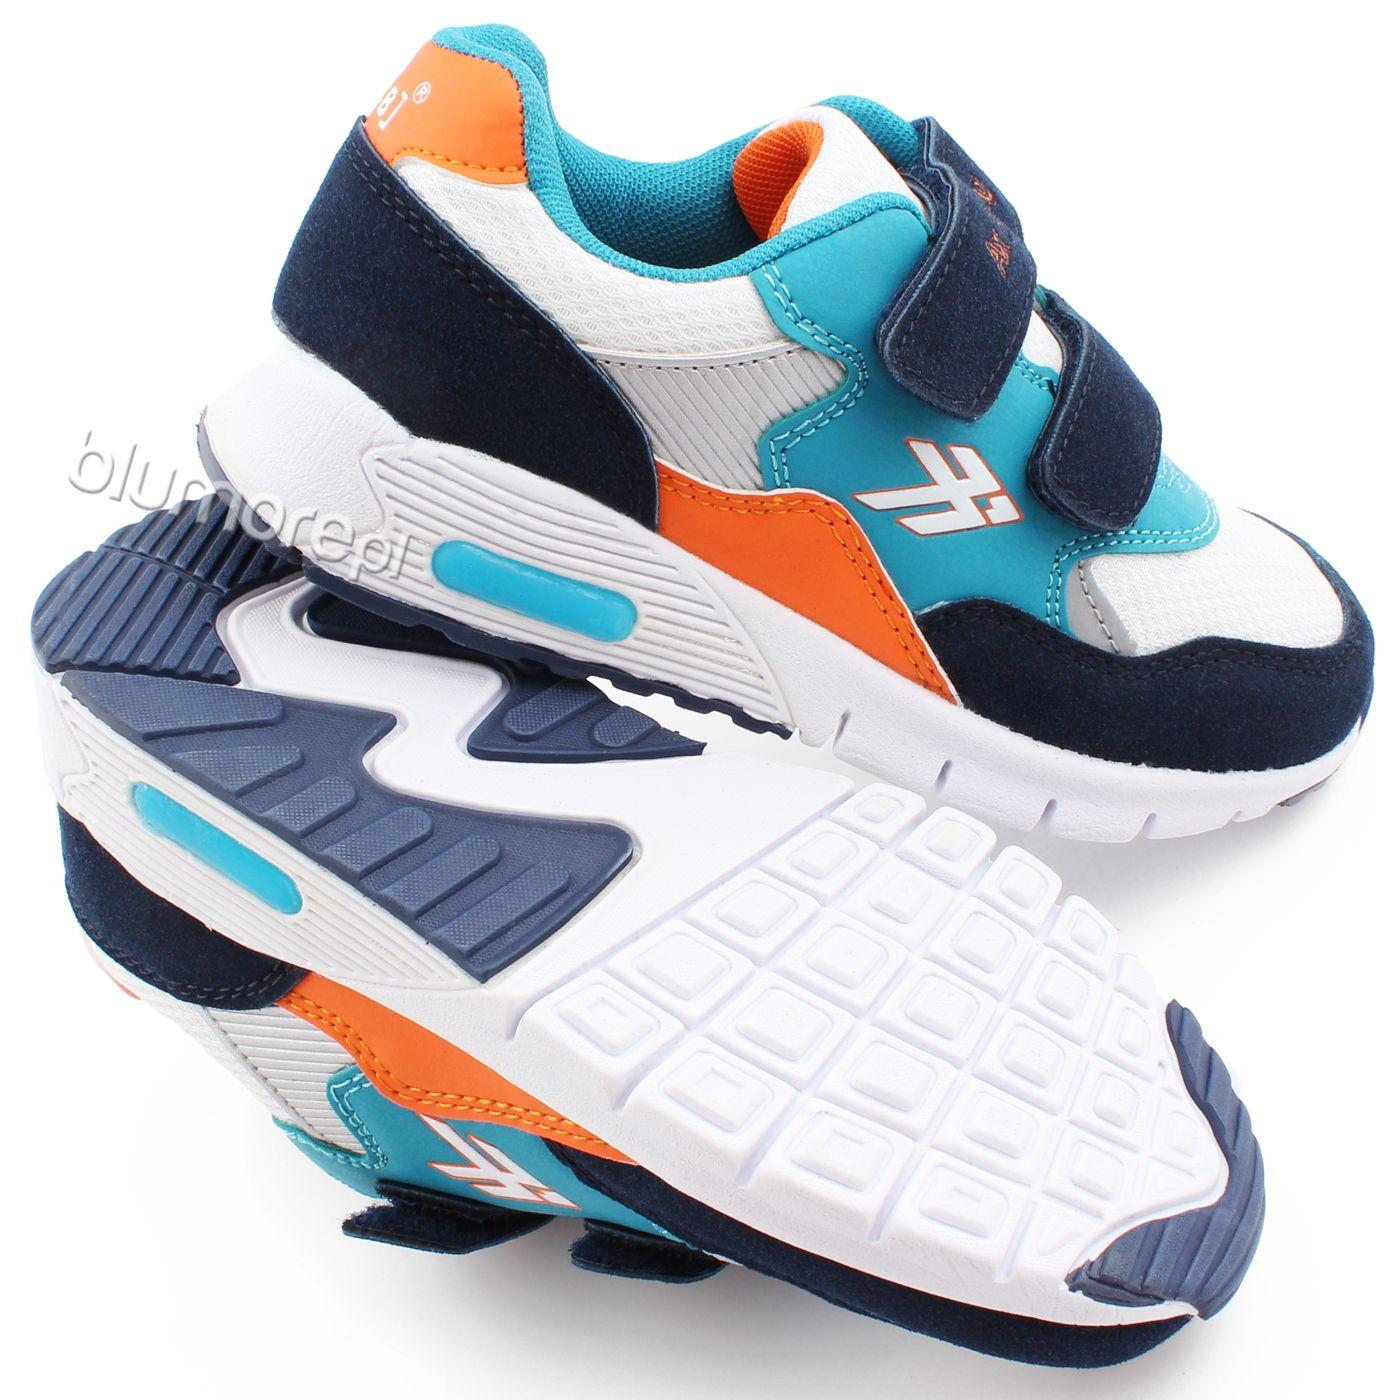 Niech Lato Bedzie W Tym Roku Aktywne Kup Swojemu Dziecku Fantastyczne Adidasy Typu Air Max Cena 64 00 Zl Jordans Sneakers Air Jordan Sneaker Air Jordans